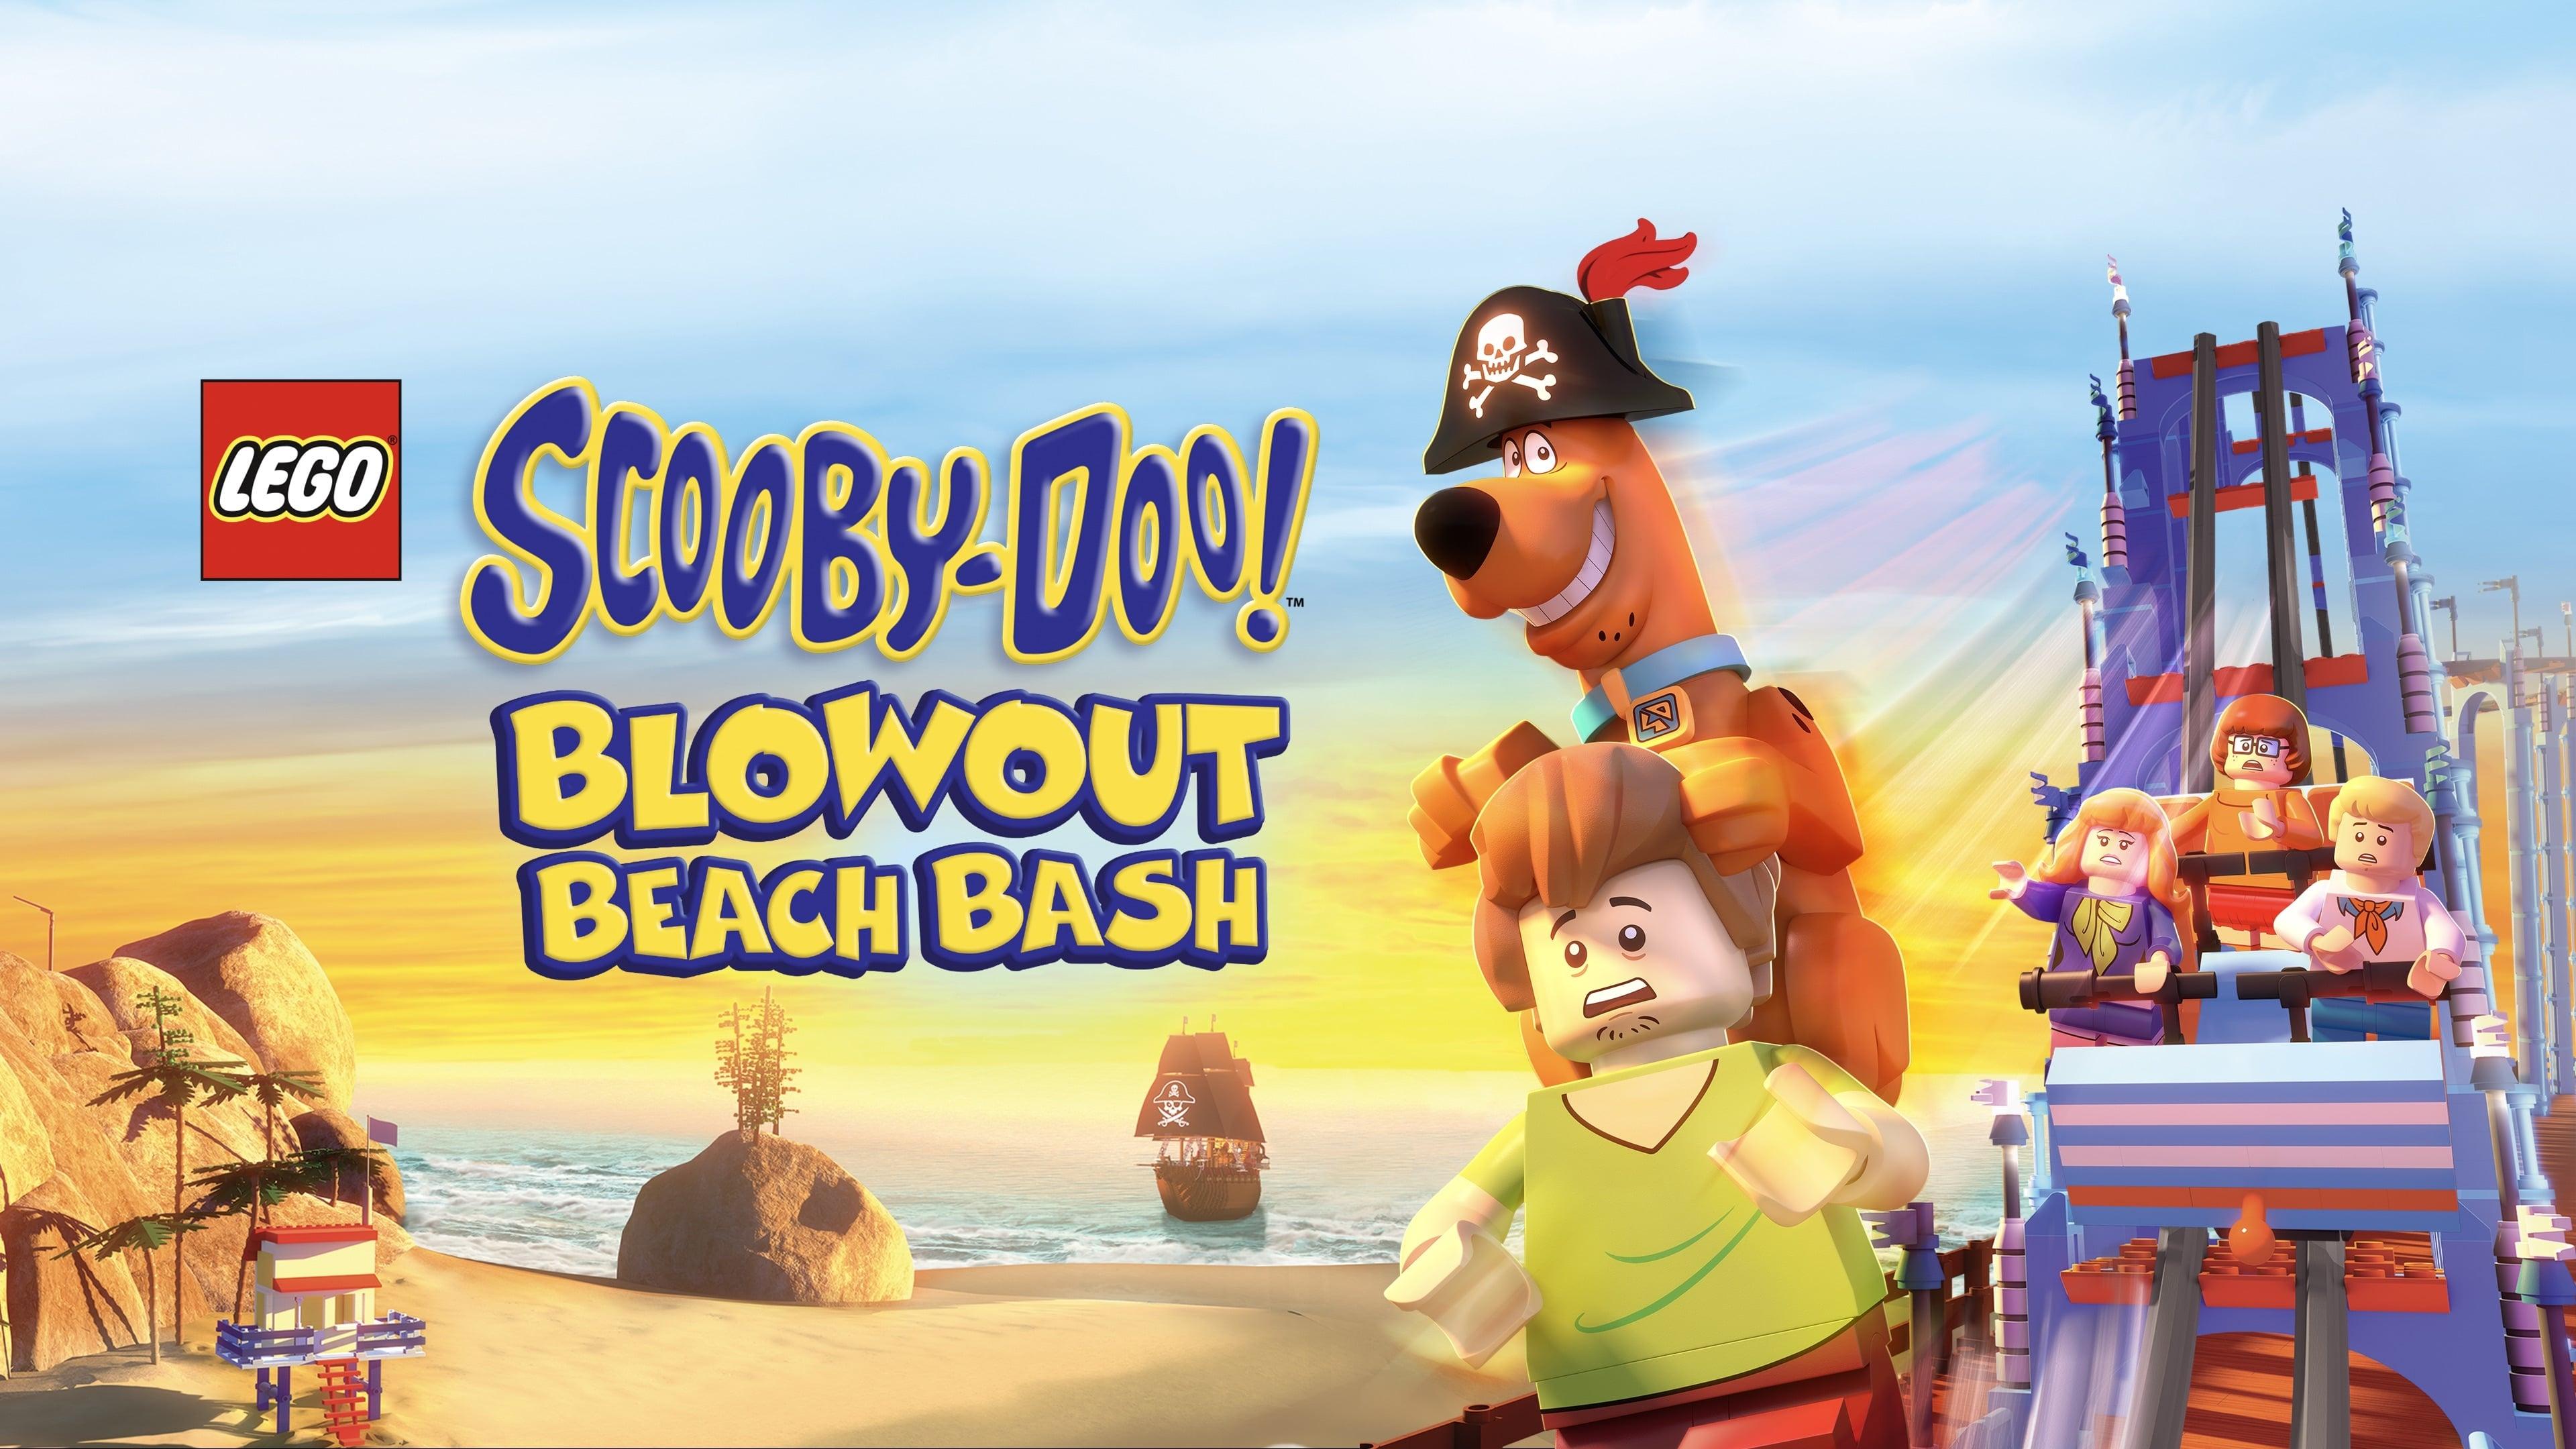 Lego Scooby-Doo Intento de reventon en playa